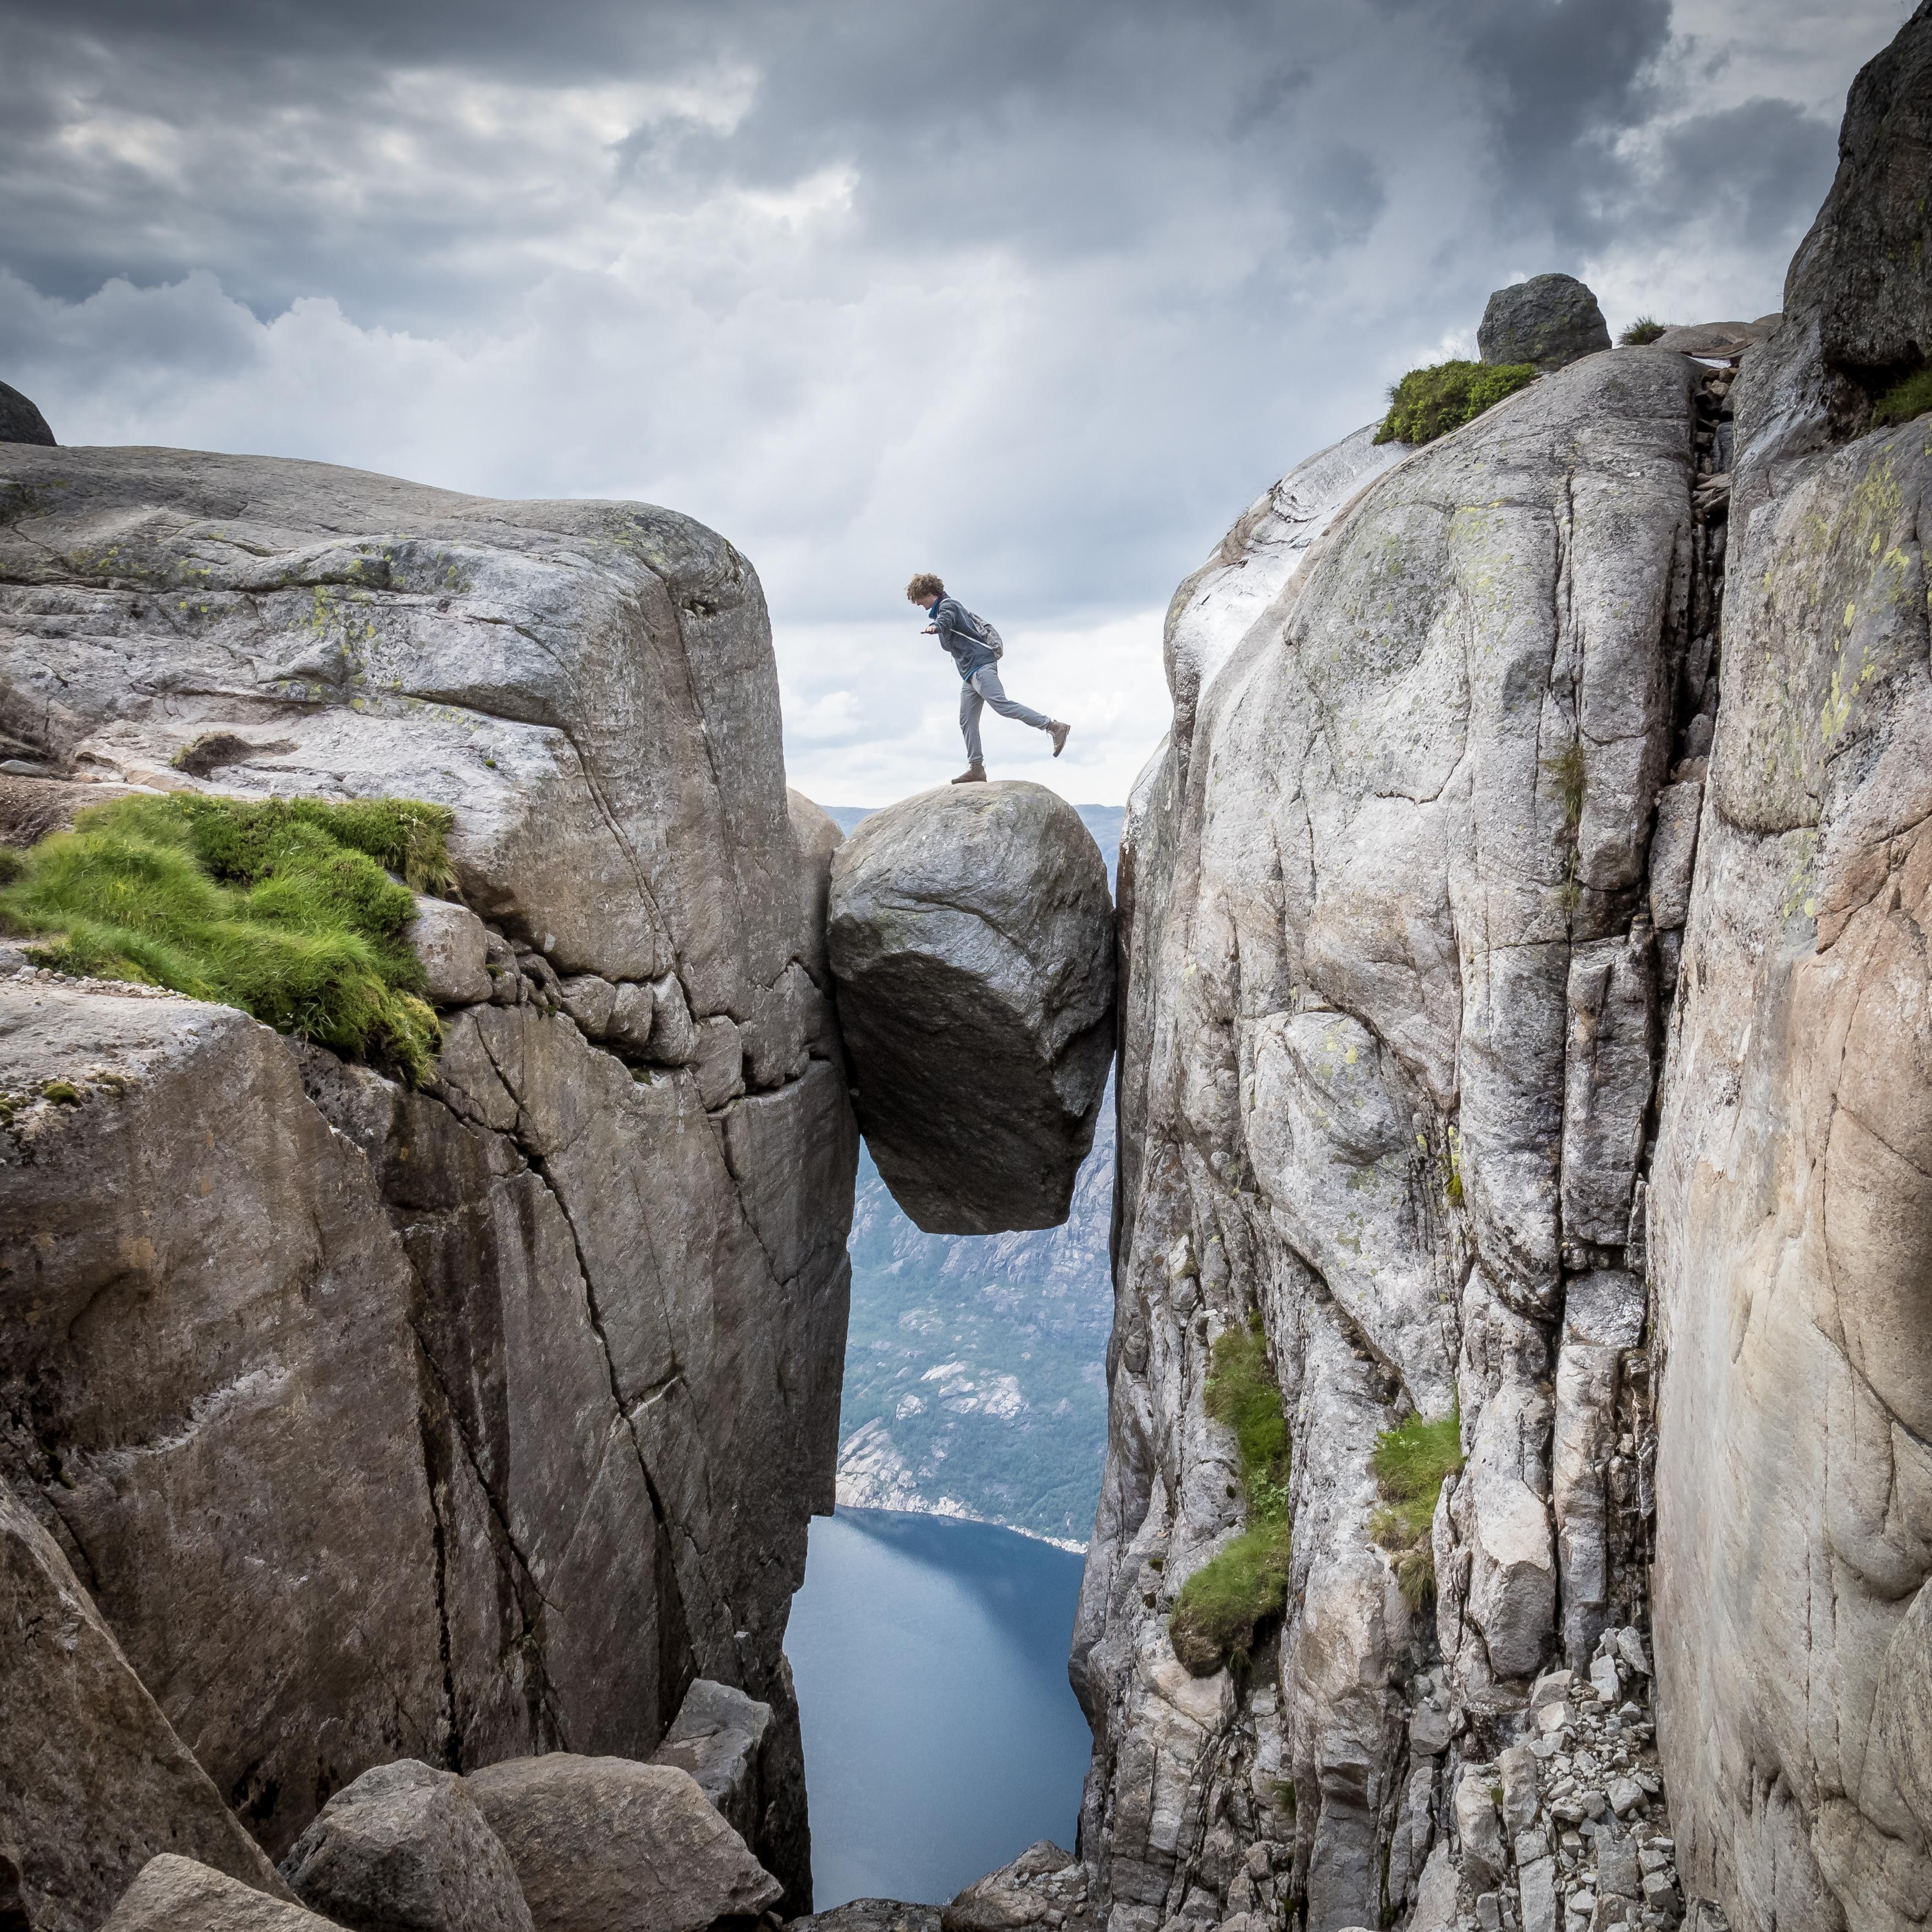 【北歐景點】朝聖挪威三大奇岩:聖壇岩Preikestolen健行紀錄 4